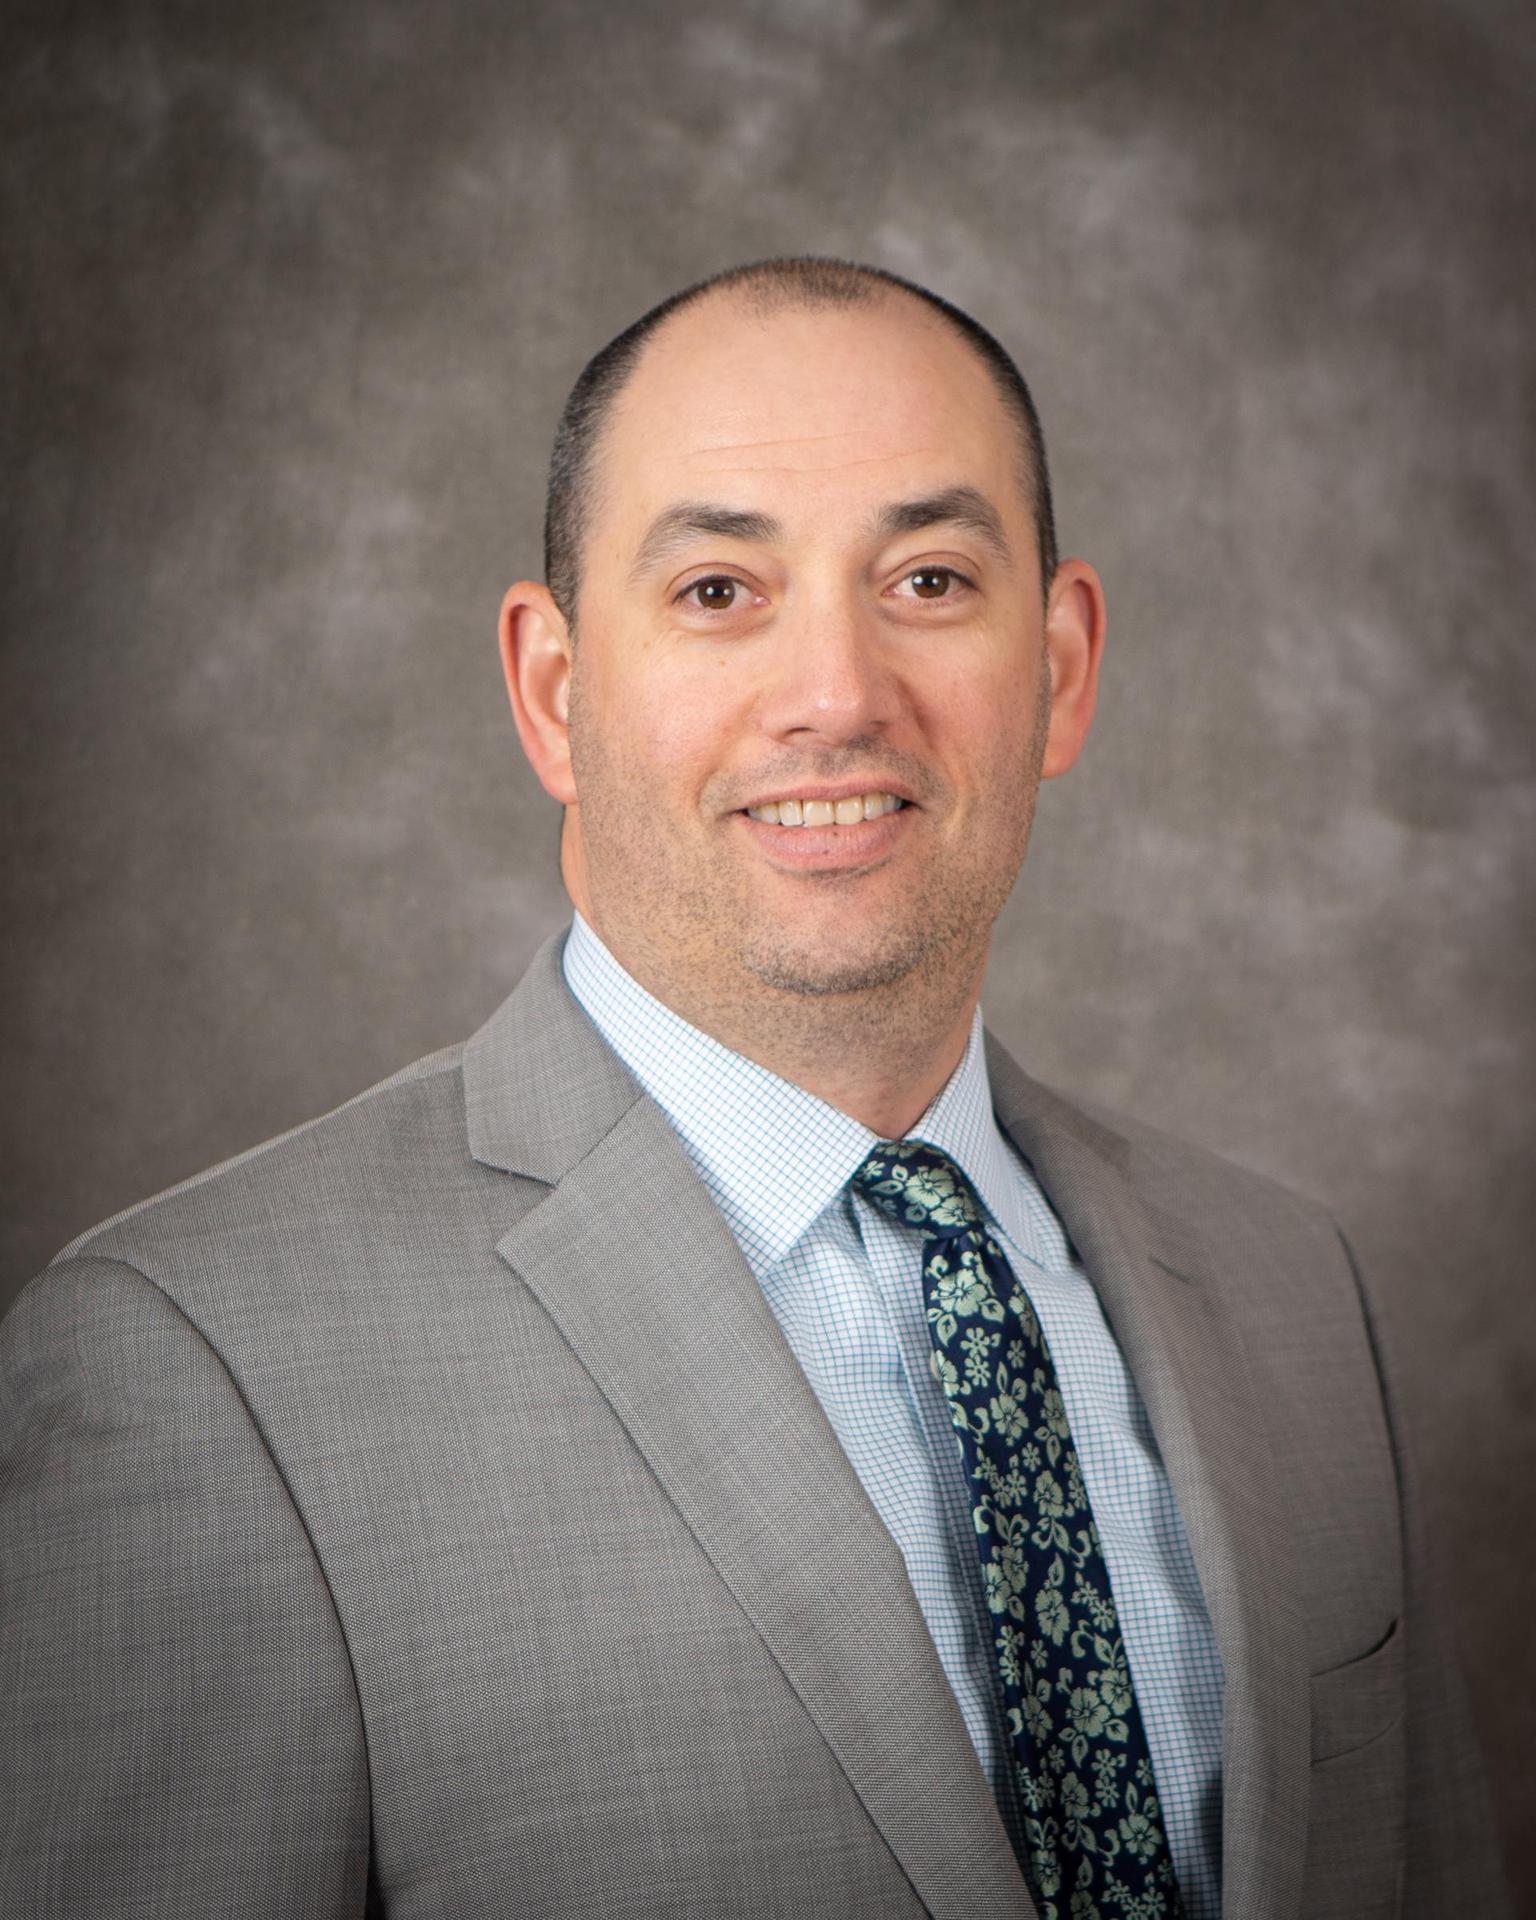 Dr. Andrew Surloff